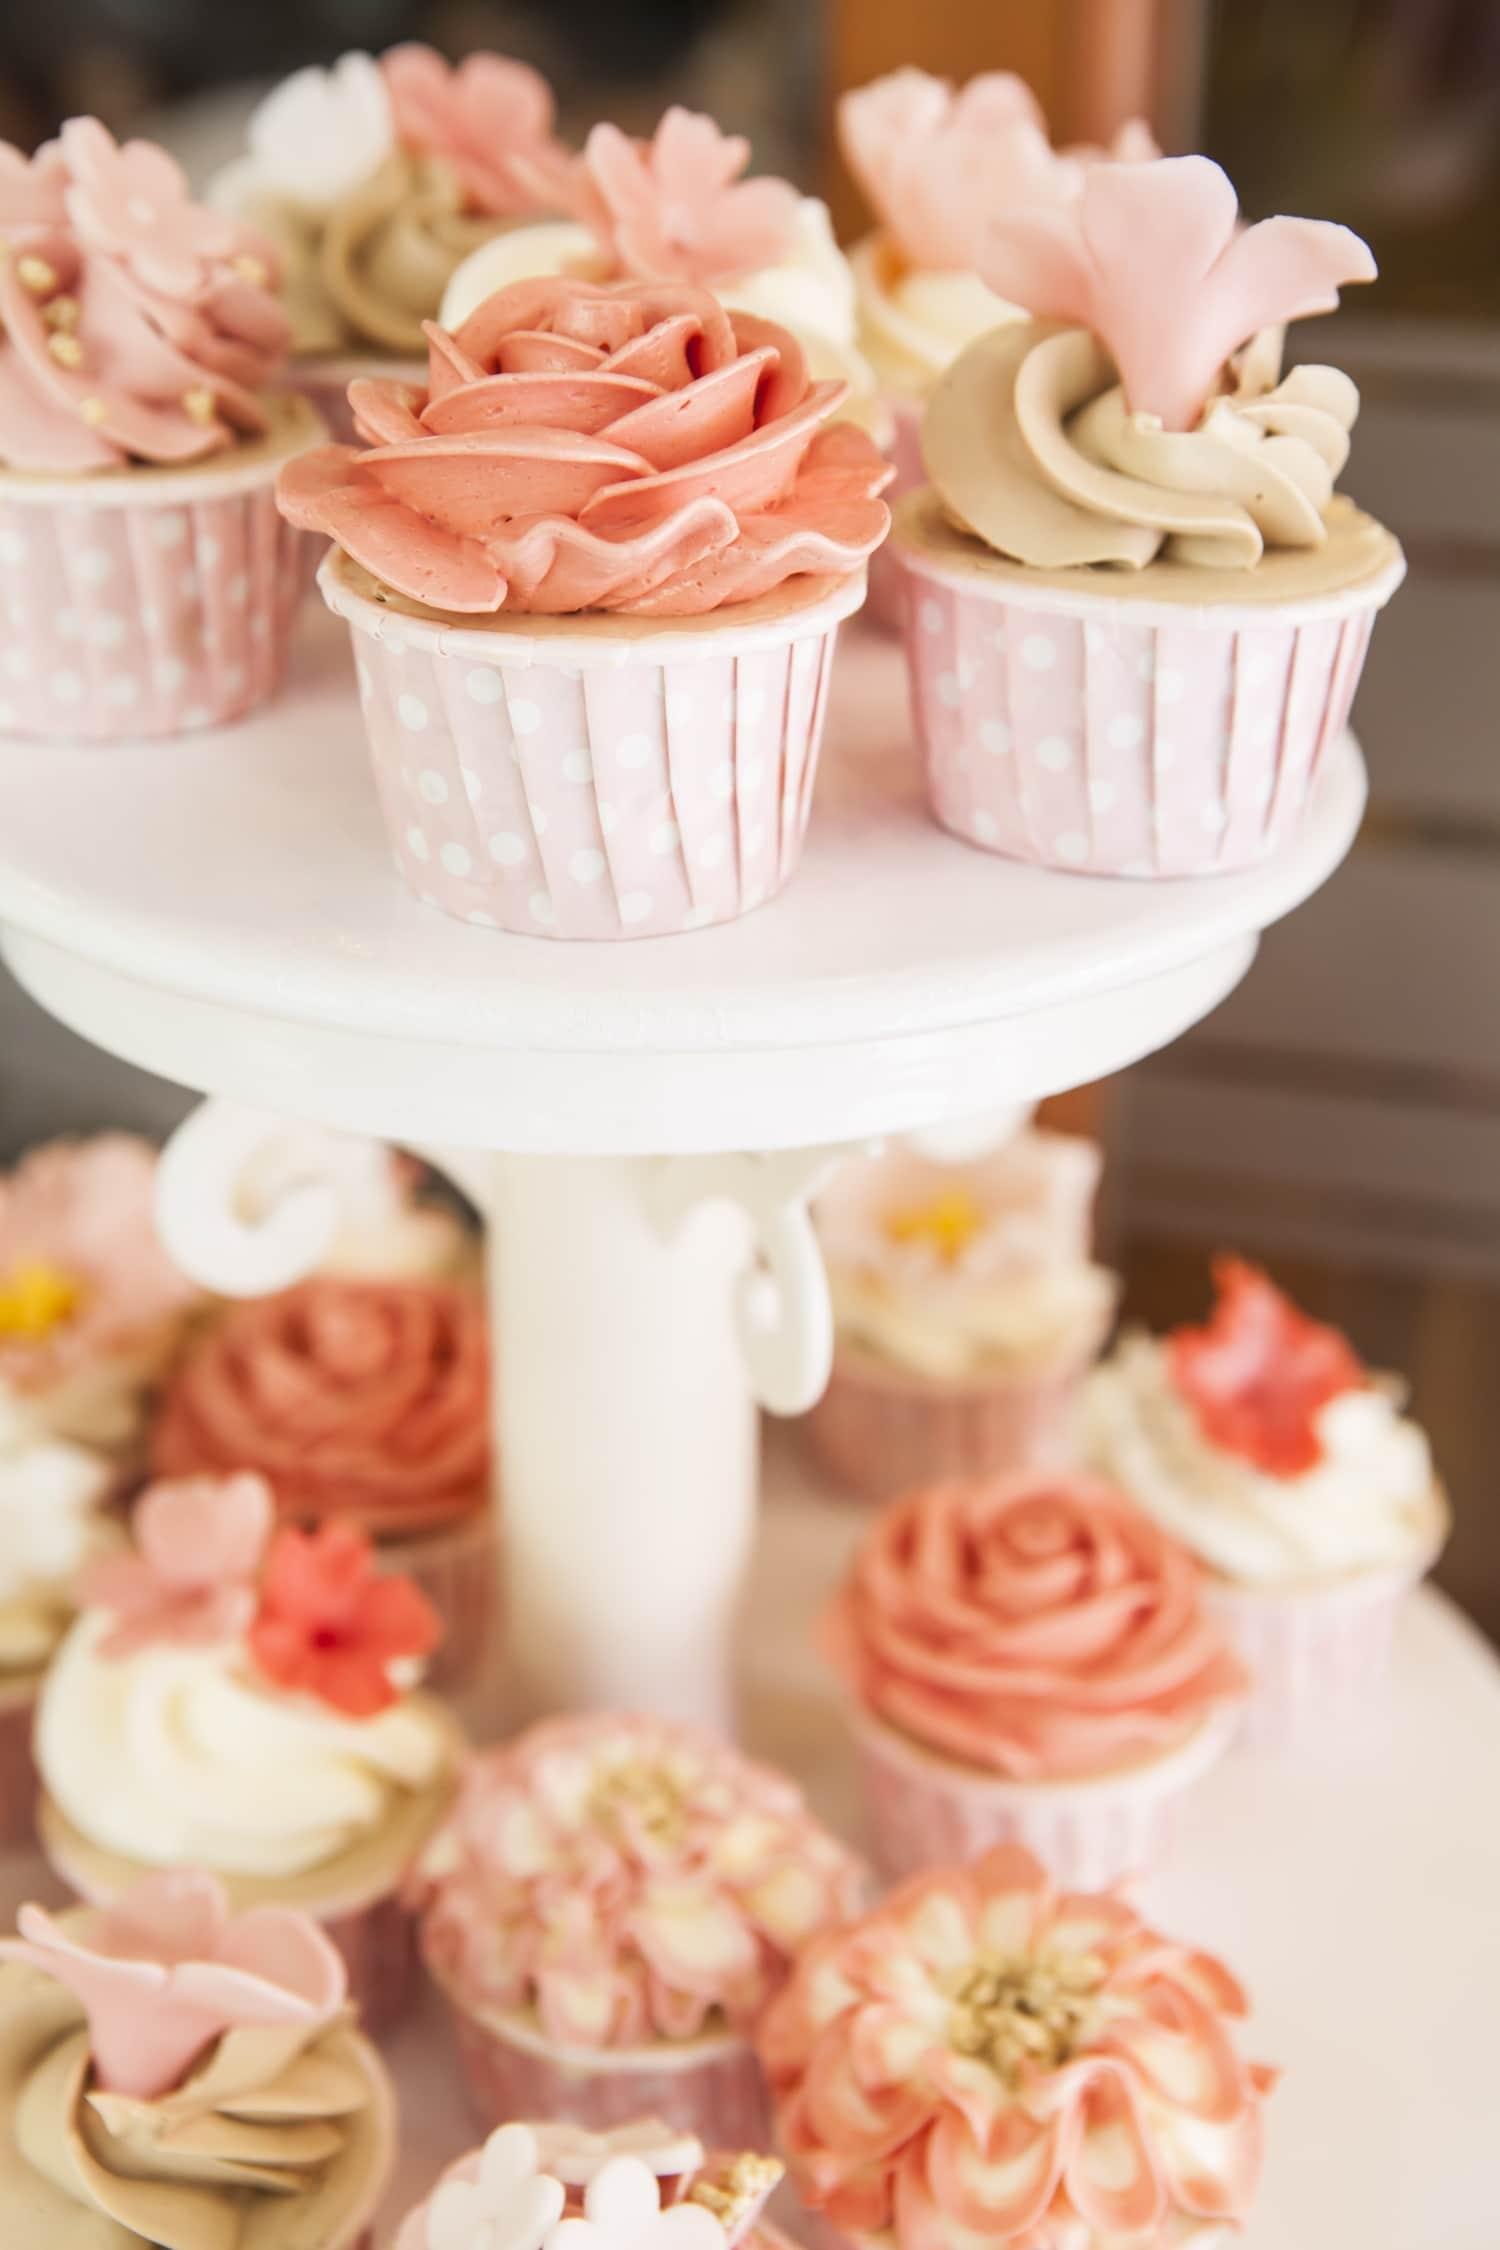 Esküvői torta inspirációk – 10 álomszép ötlet menyasszonyoknak és álmodozóknak